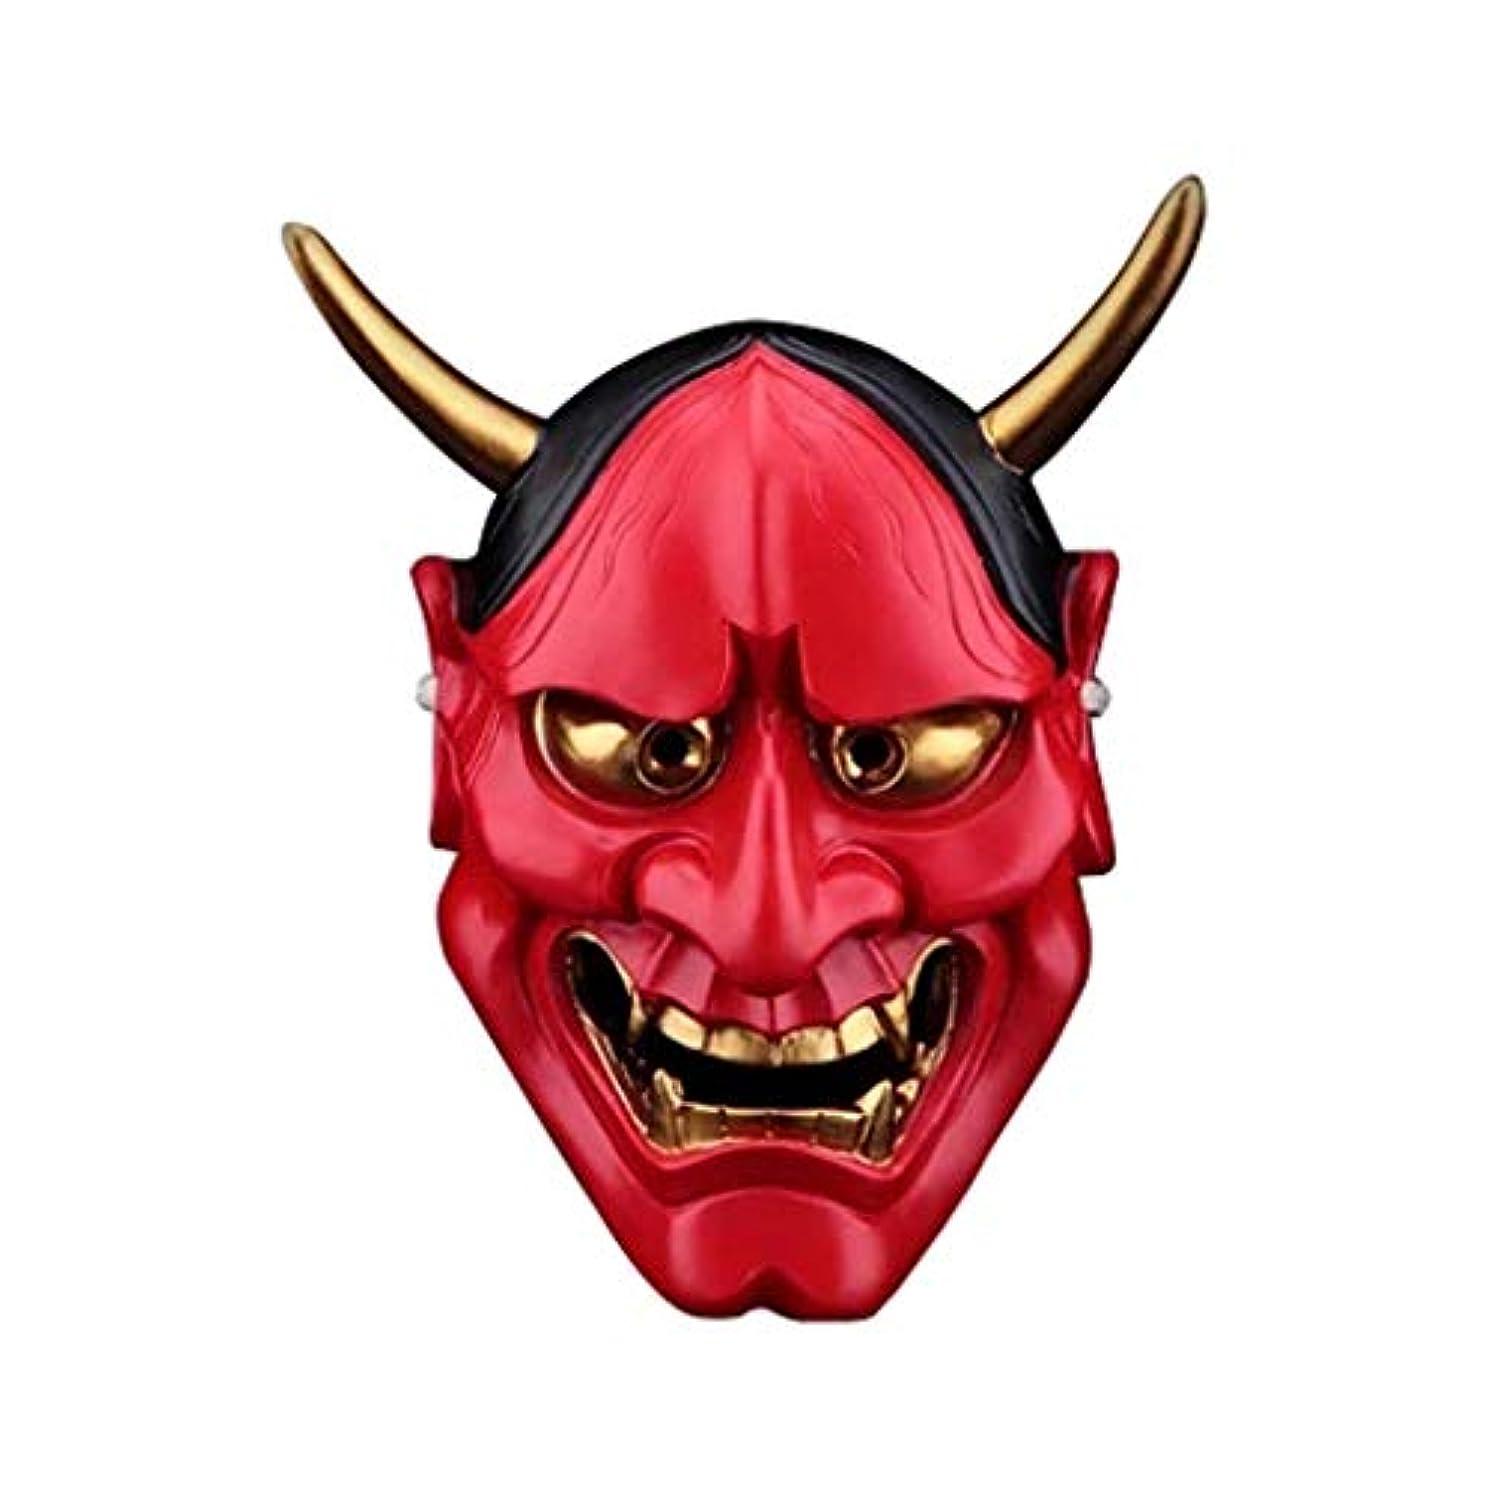 いいね行商人書誌ハロウィンホラーマスク、成人用樹脂マスクデコレーション (Color : WHITE)